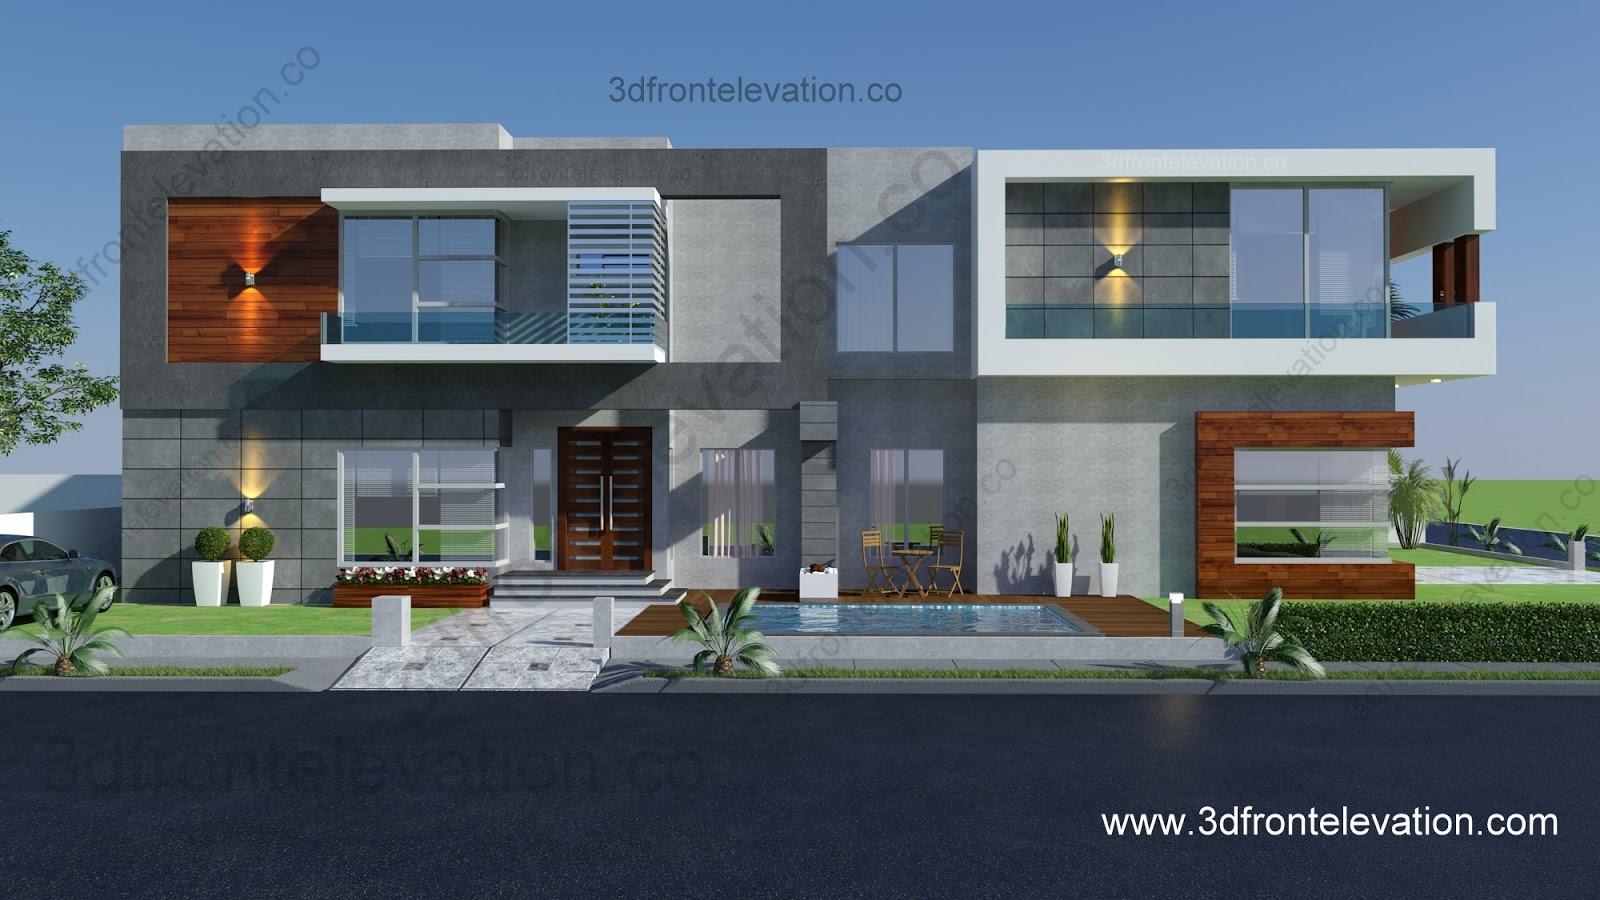 3d Front Elevation Jintu : D front elevation portfolio